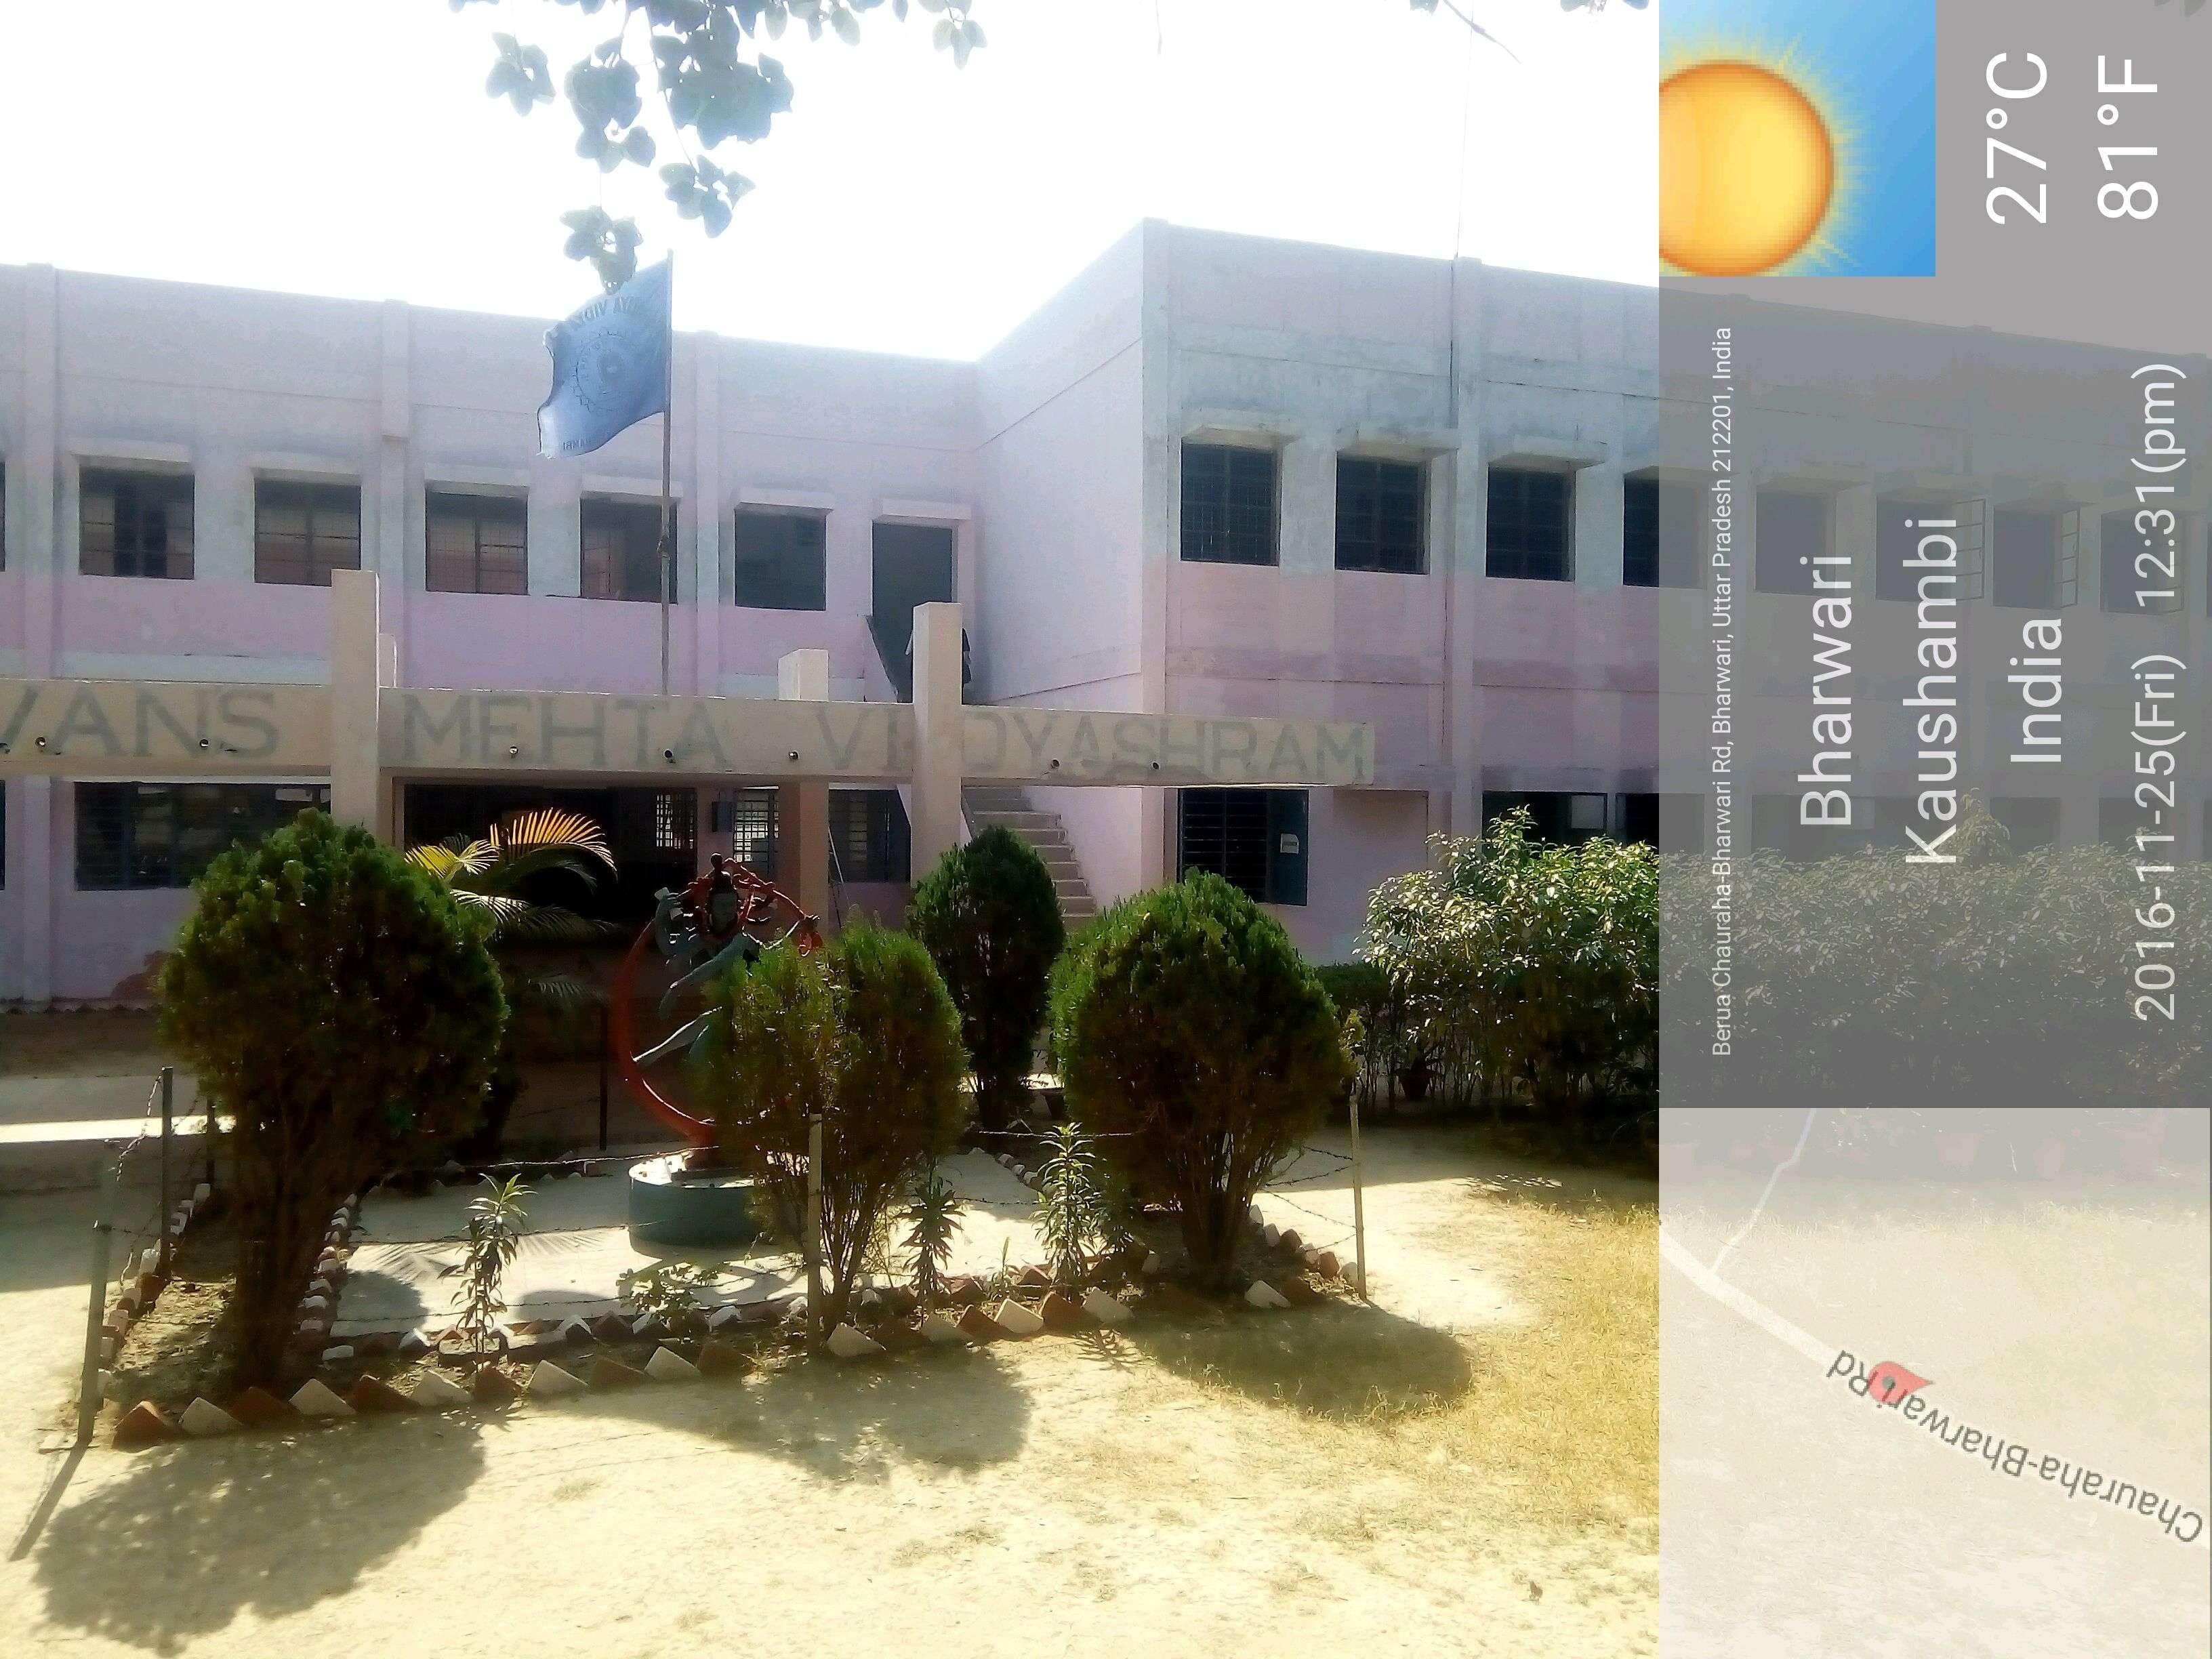 BHAVAN S MEHTA VIDYASHRAM BHARWARI KAUSHAMBI DISTT UTTAR PRADESH 2130014